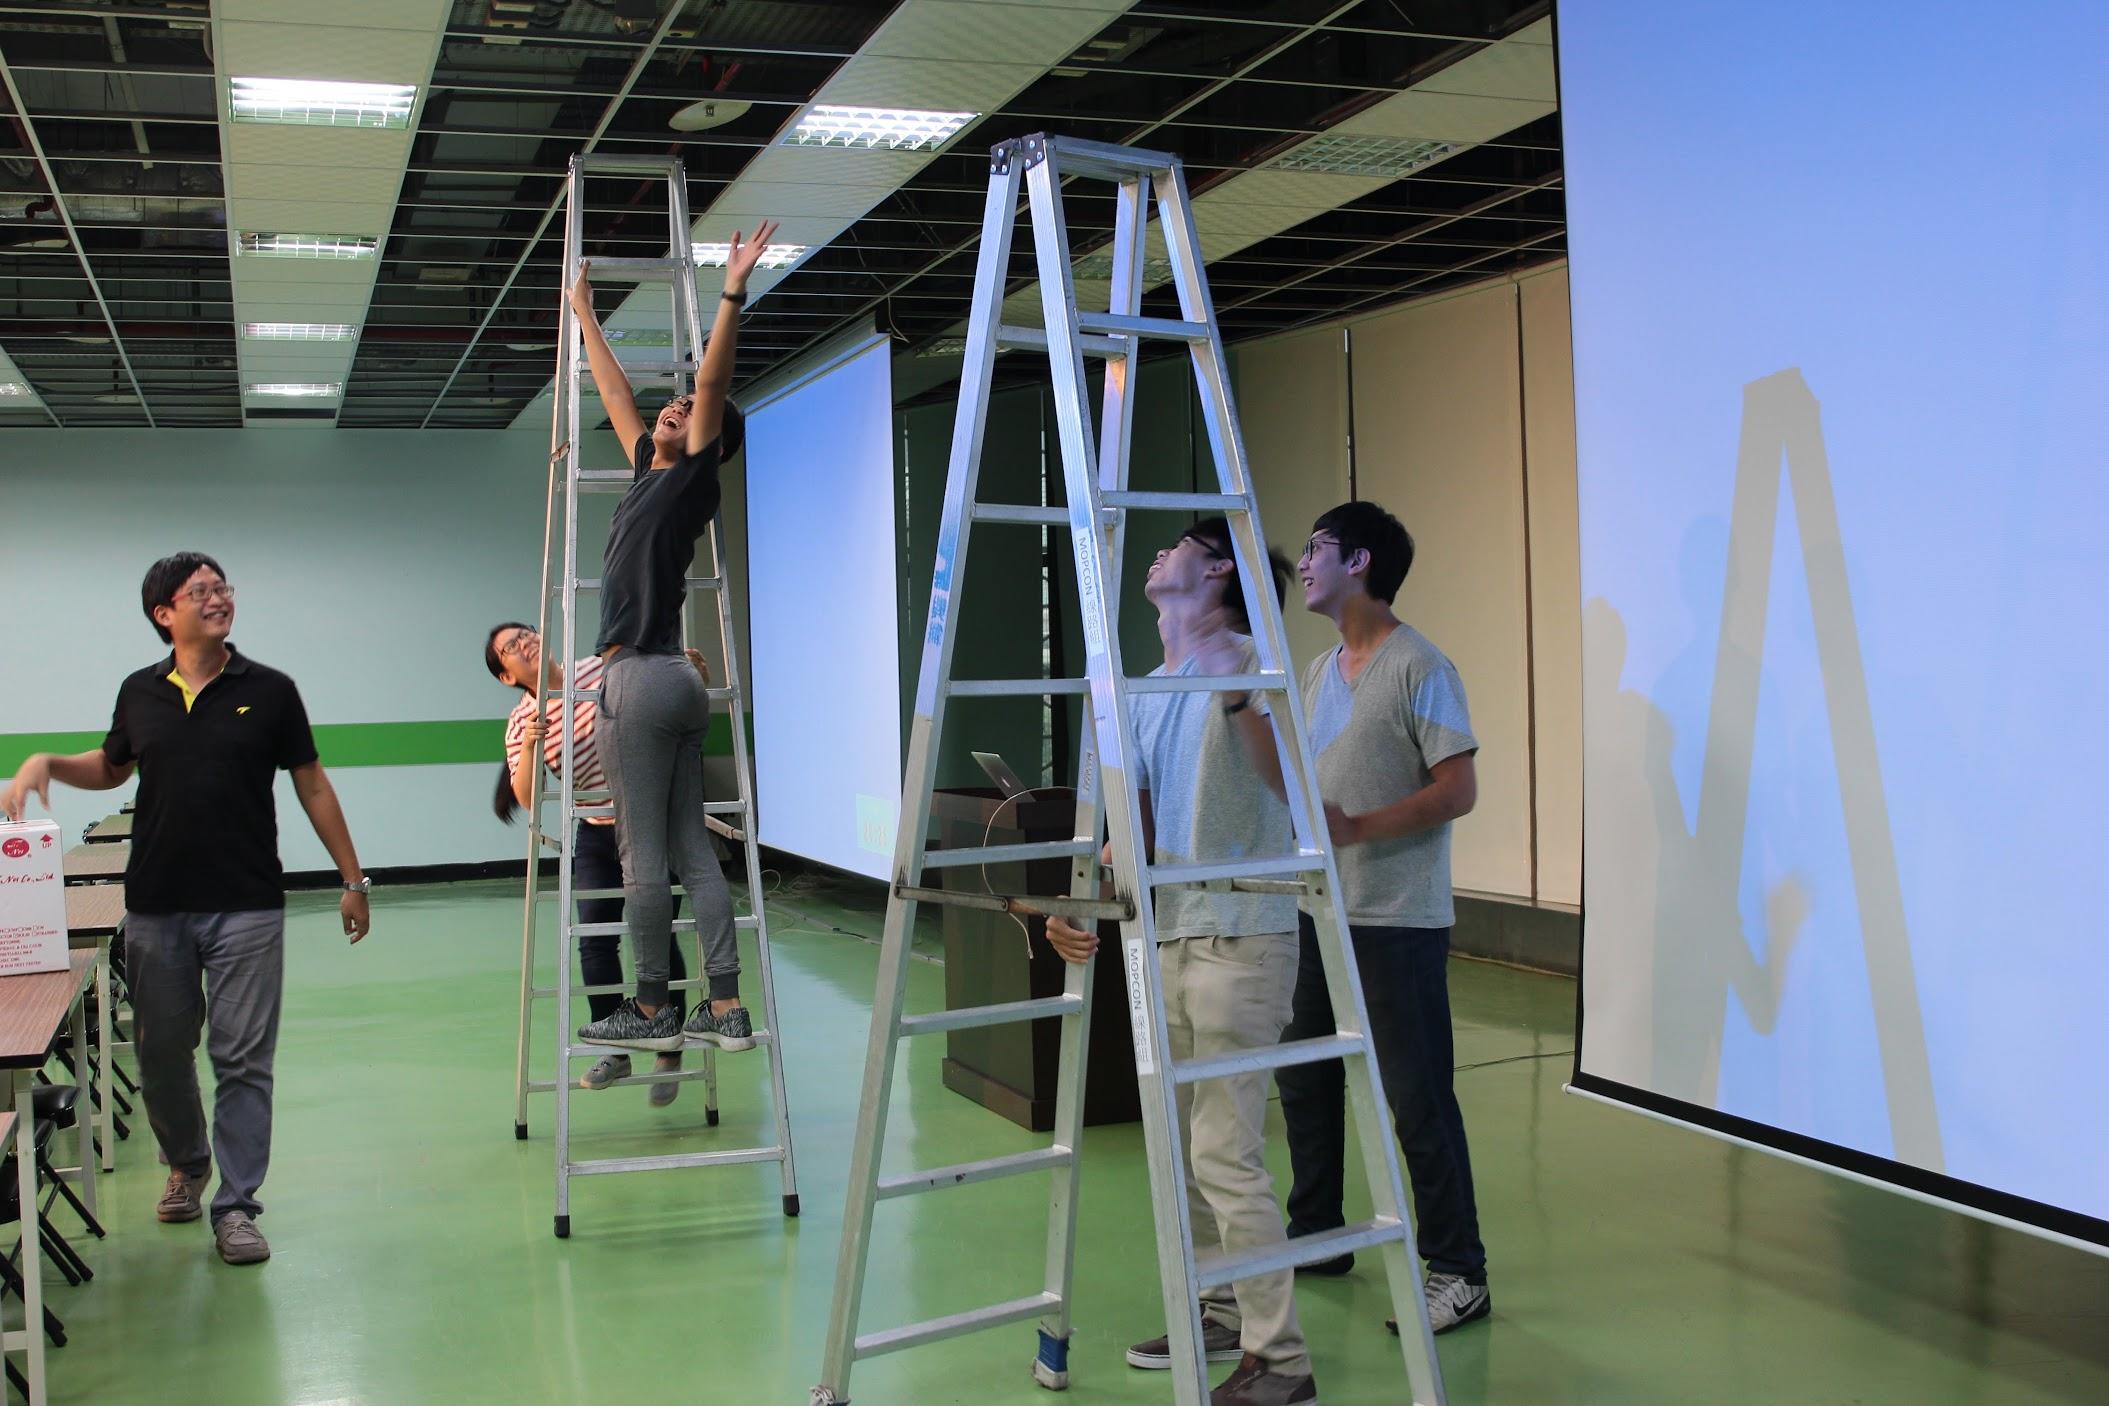 因為網路線都要走天花板,所以需要很多梯子支援,也要人力來拉